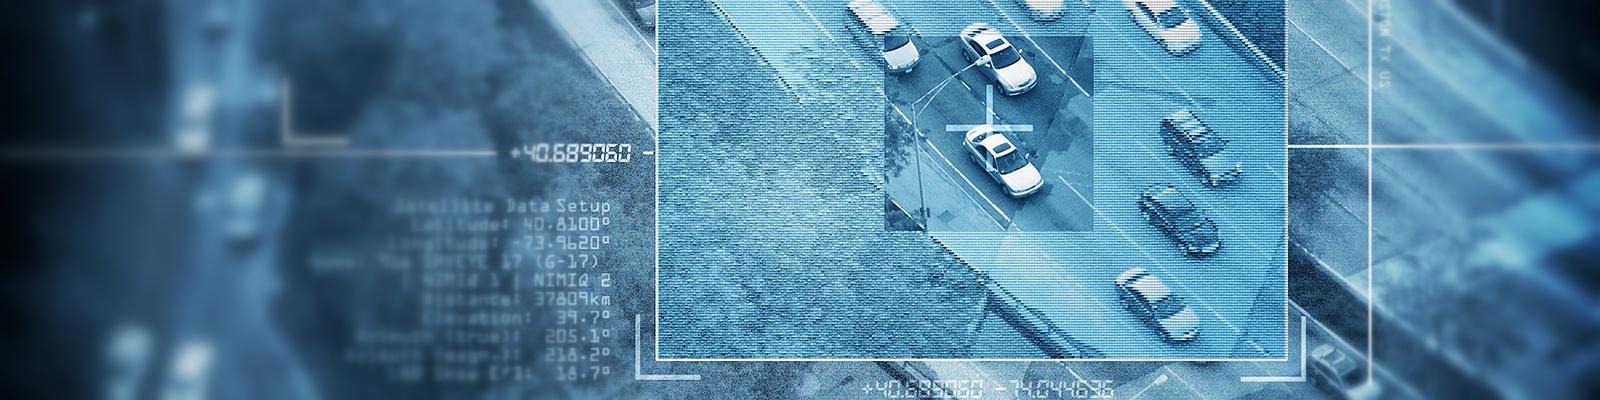 自動車 データ